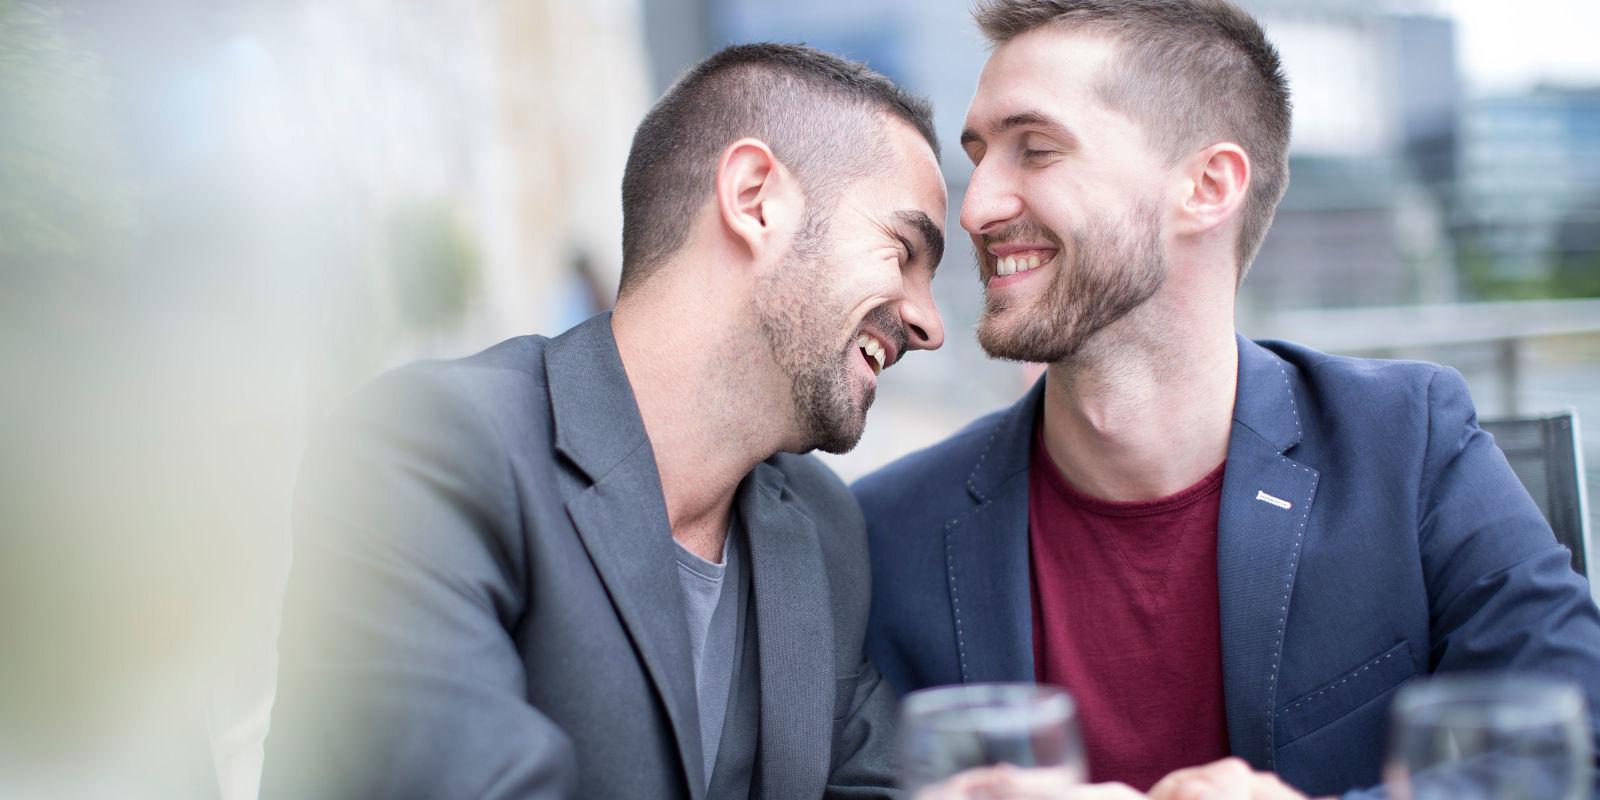 Drop in HIV diagnoses seen in gay men